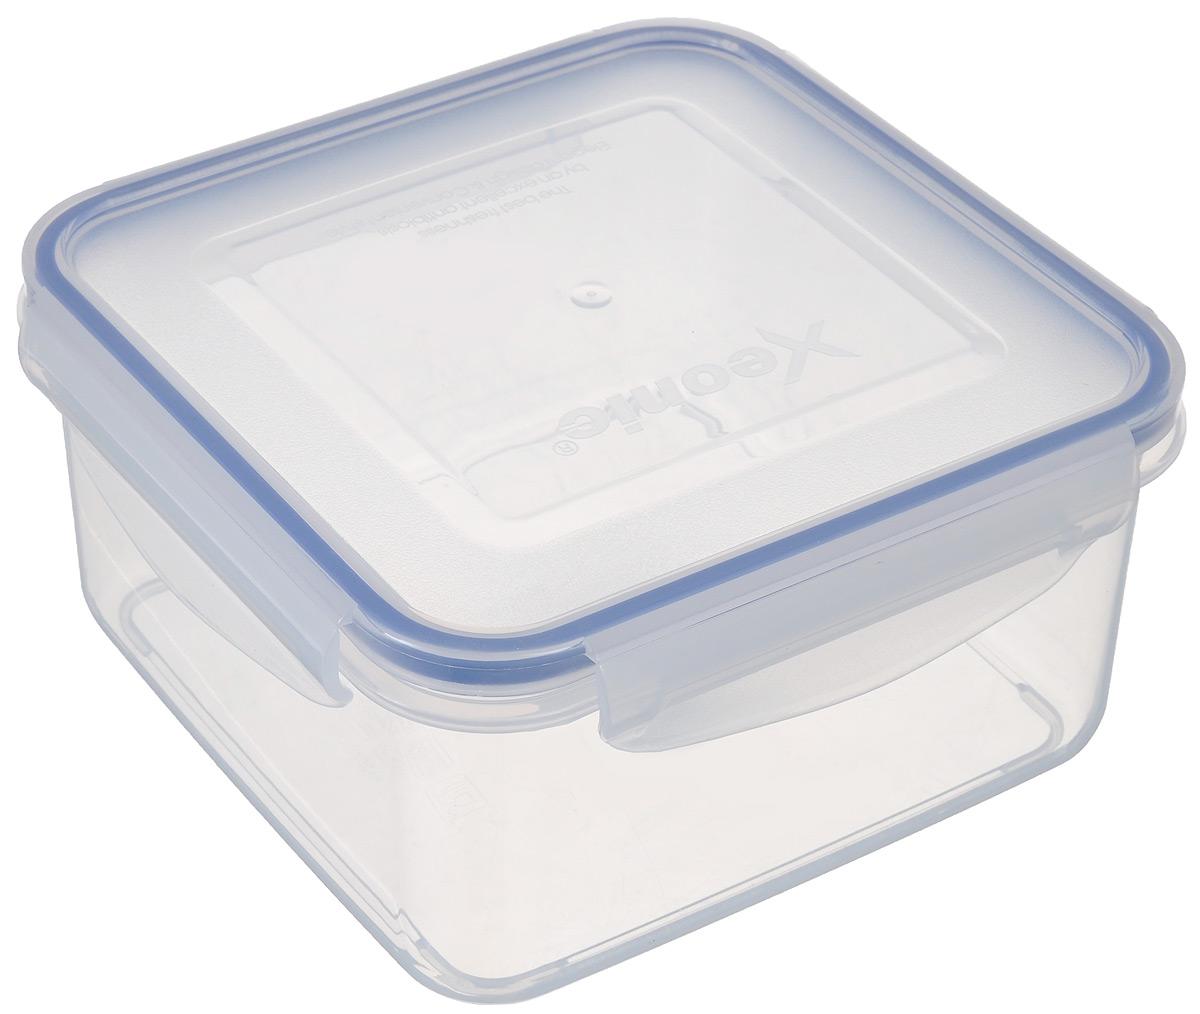 Контейнер пищевой Xeonic, 1,4 л810001Герметичный контейнер для хранения продуктов Xeonic произведен из высококачественного полипропилена. Изделие термоустойчиво, может быть использовано в микроволновой печи и в морозильной камере, устойчиво к воздействию масел и жиров, не впитывает запах. Контейнер удобен в использовании, долговечен, легко открывается и закрывается. Герметичность обеспечивается четырьмя защелками и силиконовой прослойкой на крышке. Контейнер компактен и не займет много места. Можно мыть в посудомоечной машине.